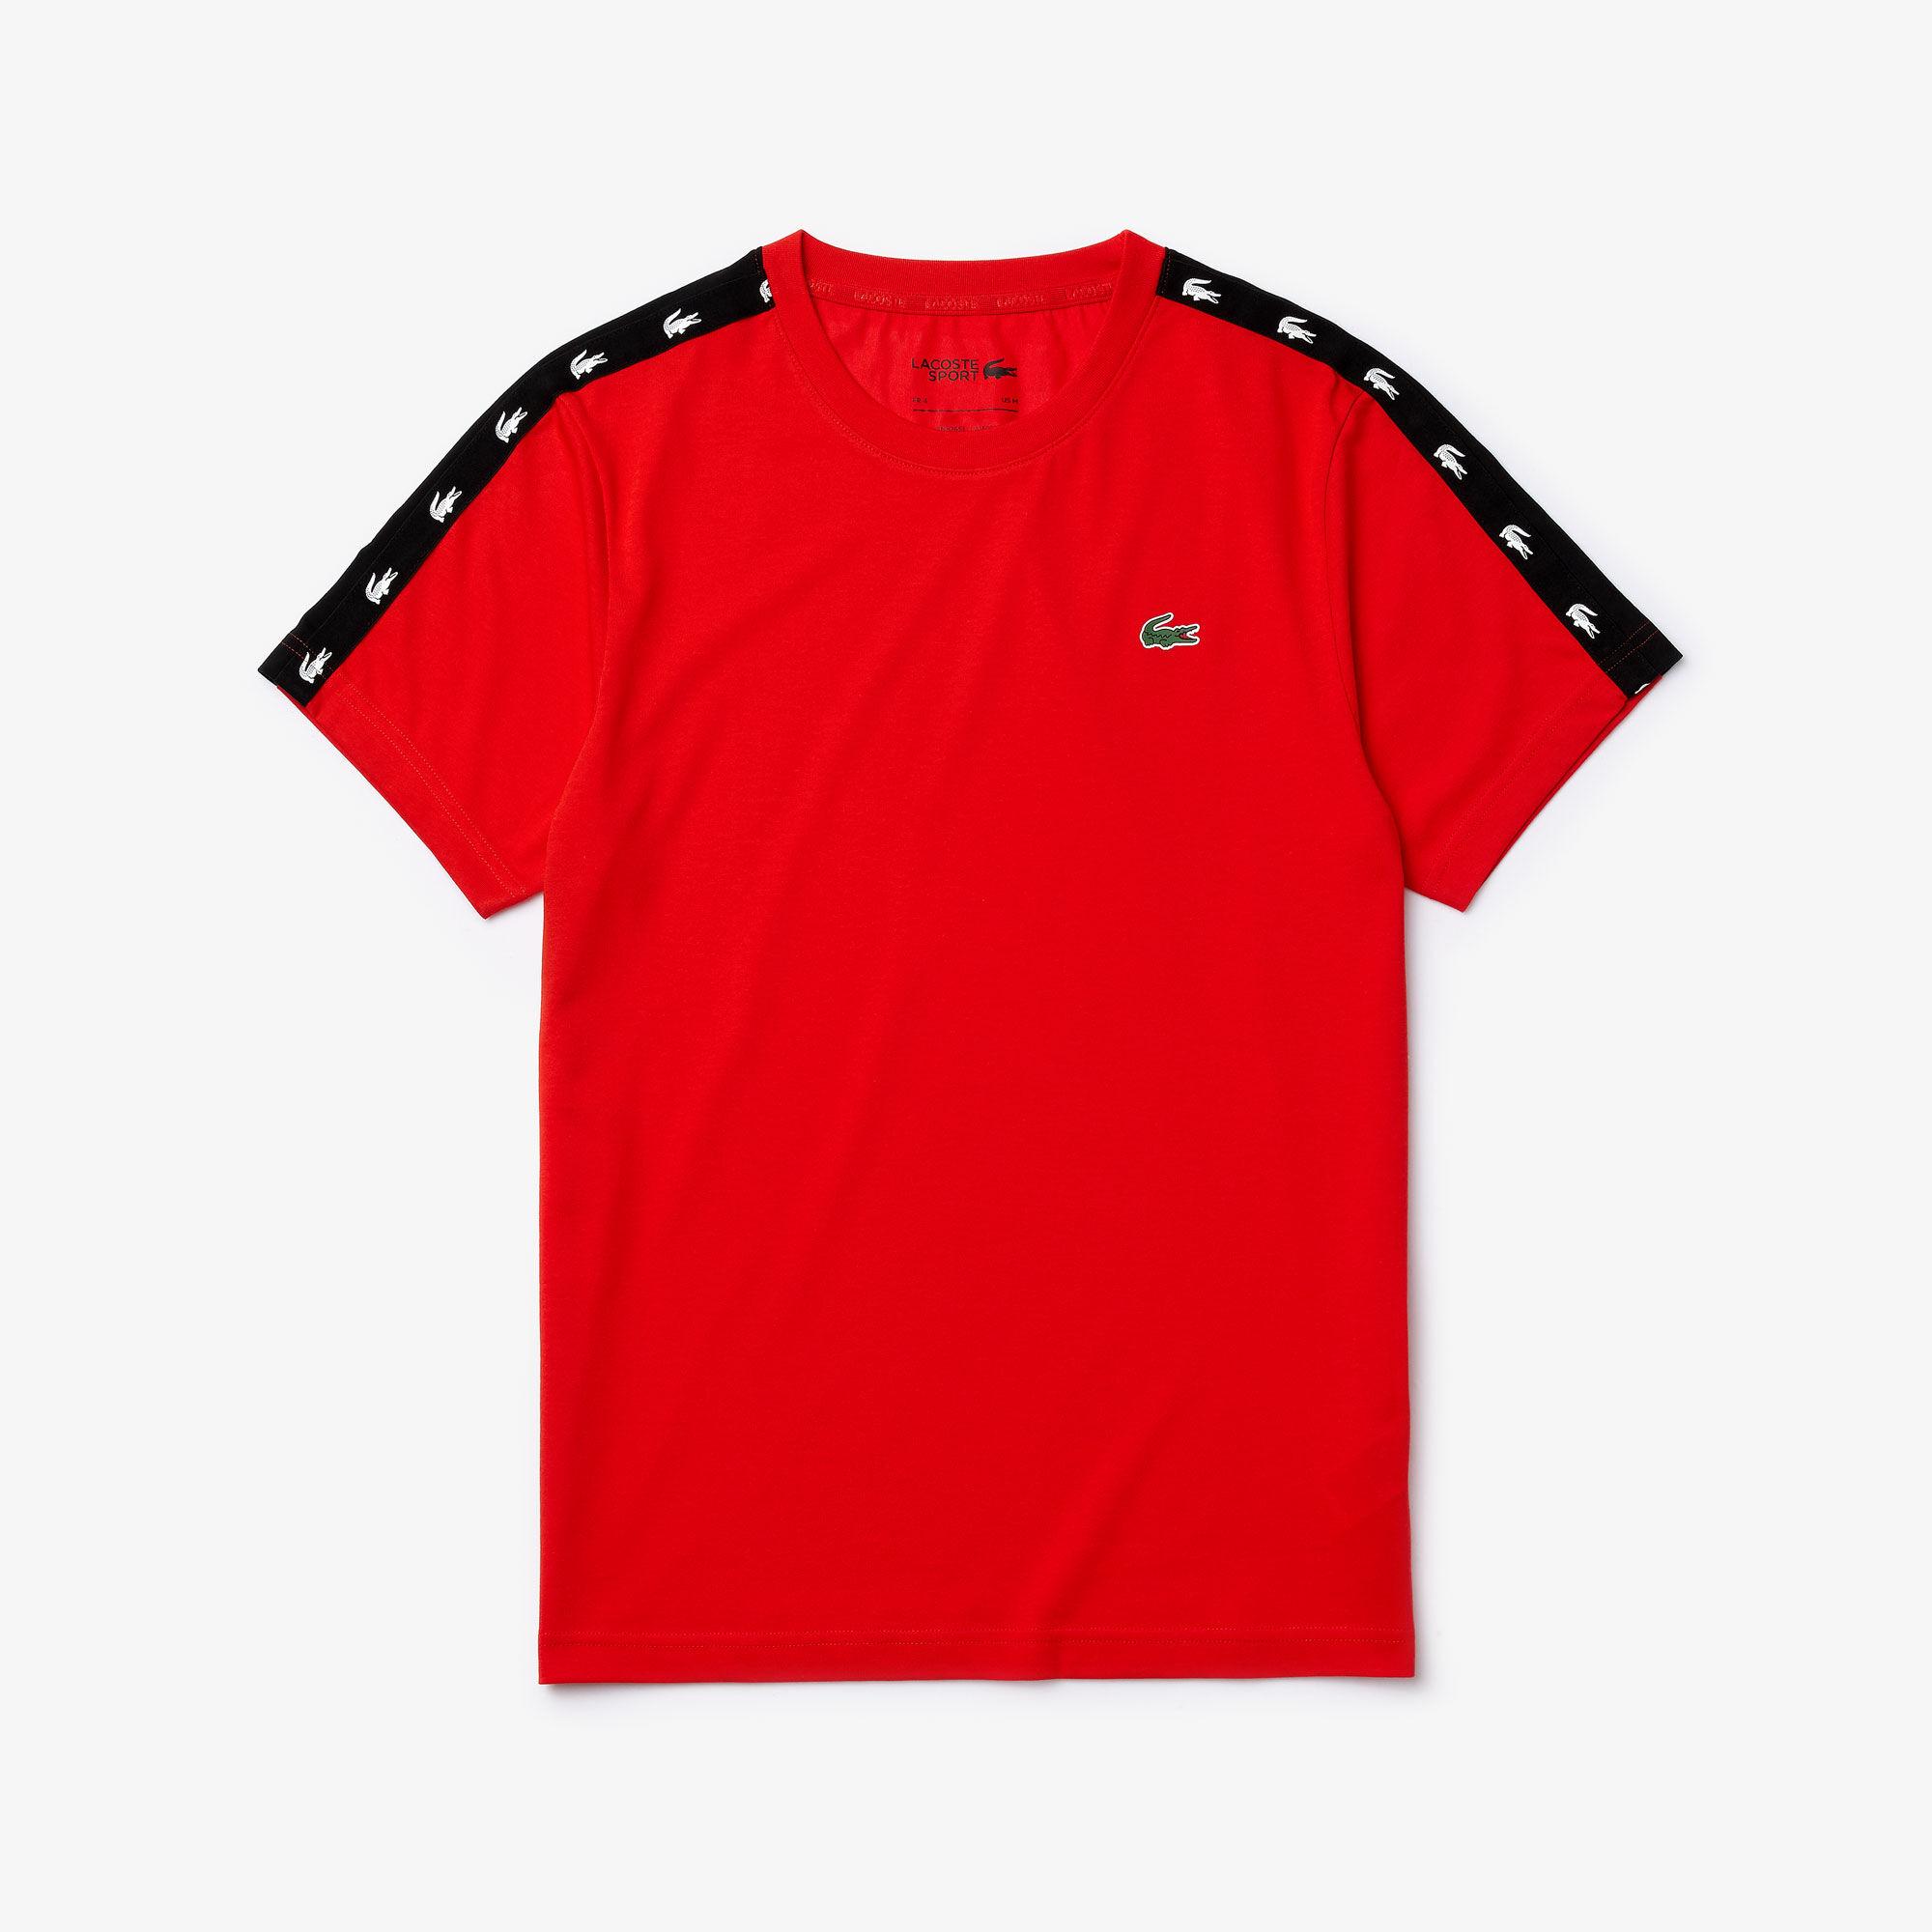 Men's Lacoste SPORT Crocodile Striped Breathable Piqué T-shirt